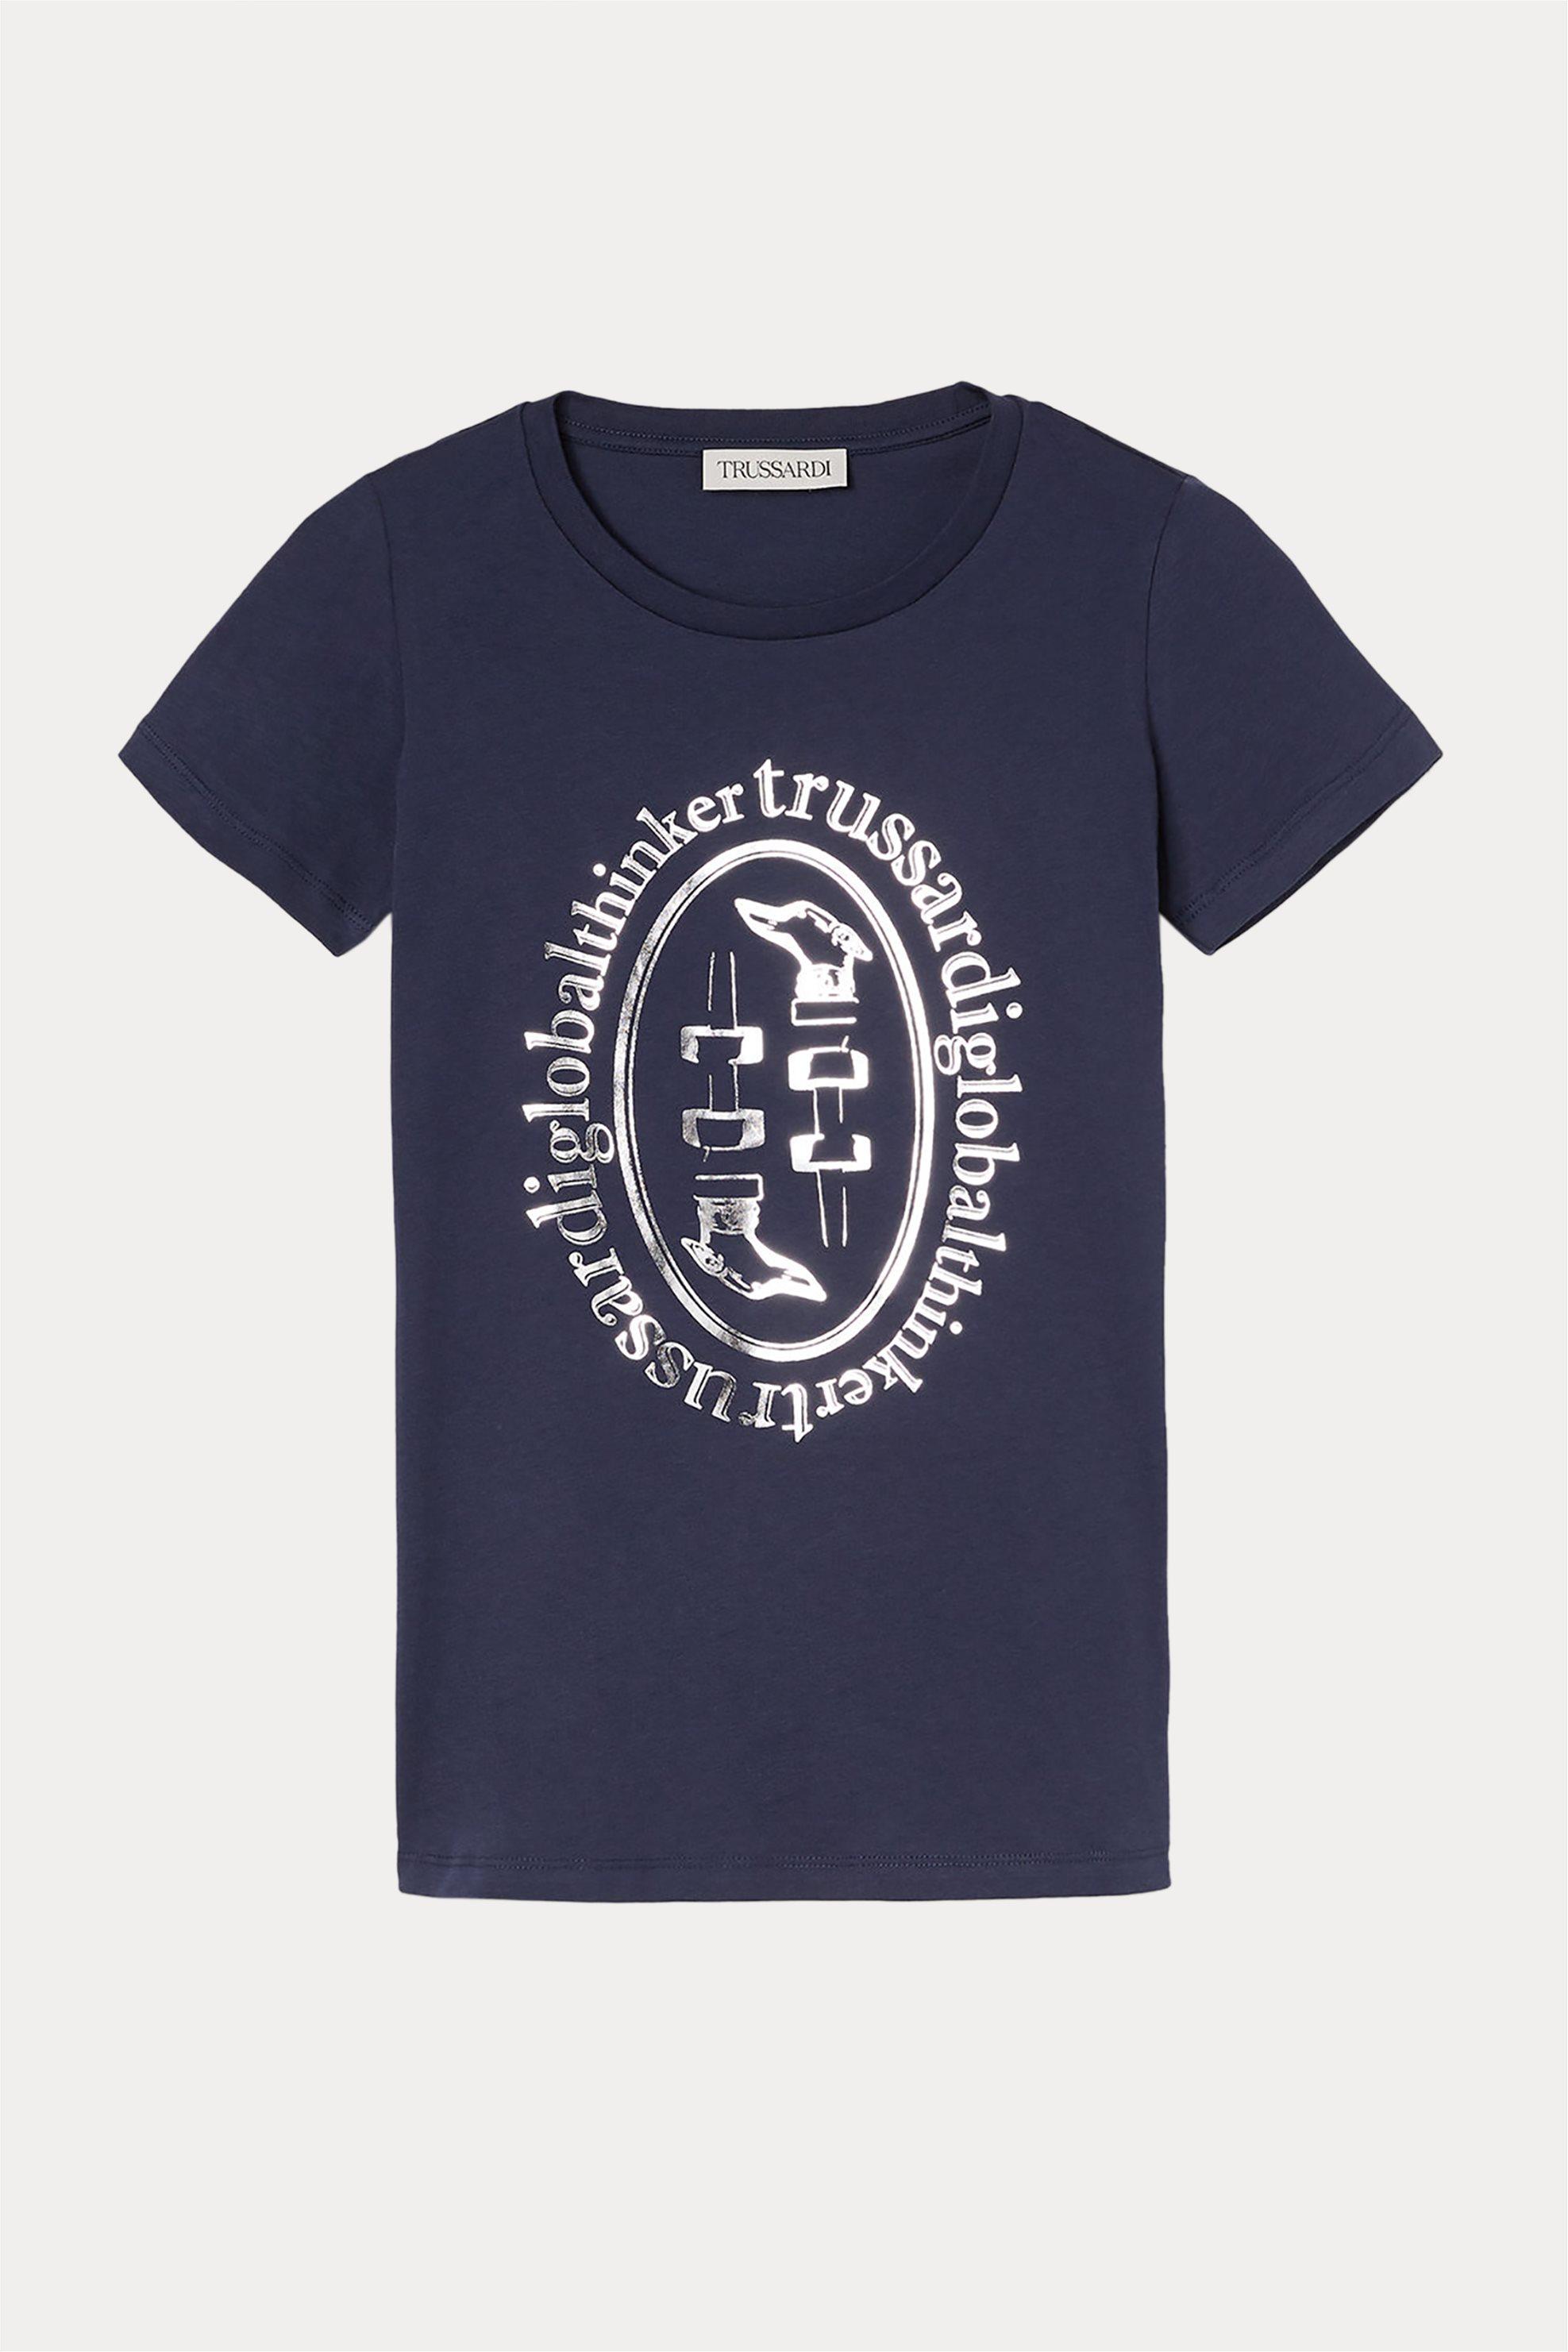 Trussardi Jeans γυναικείο T-shirt με μεταλλιζέ logo print - 56T00397-1T005341 - Μπλε Σκούρο